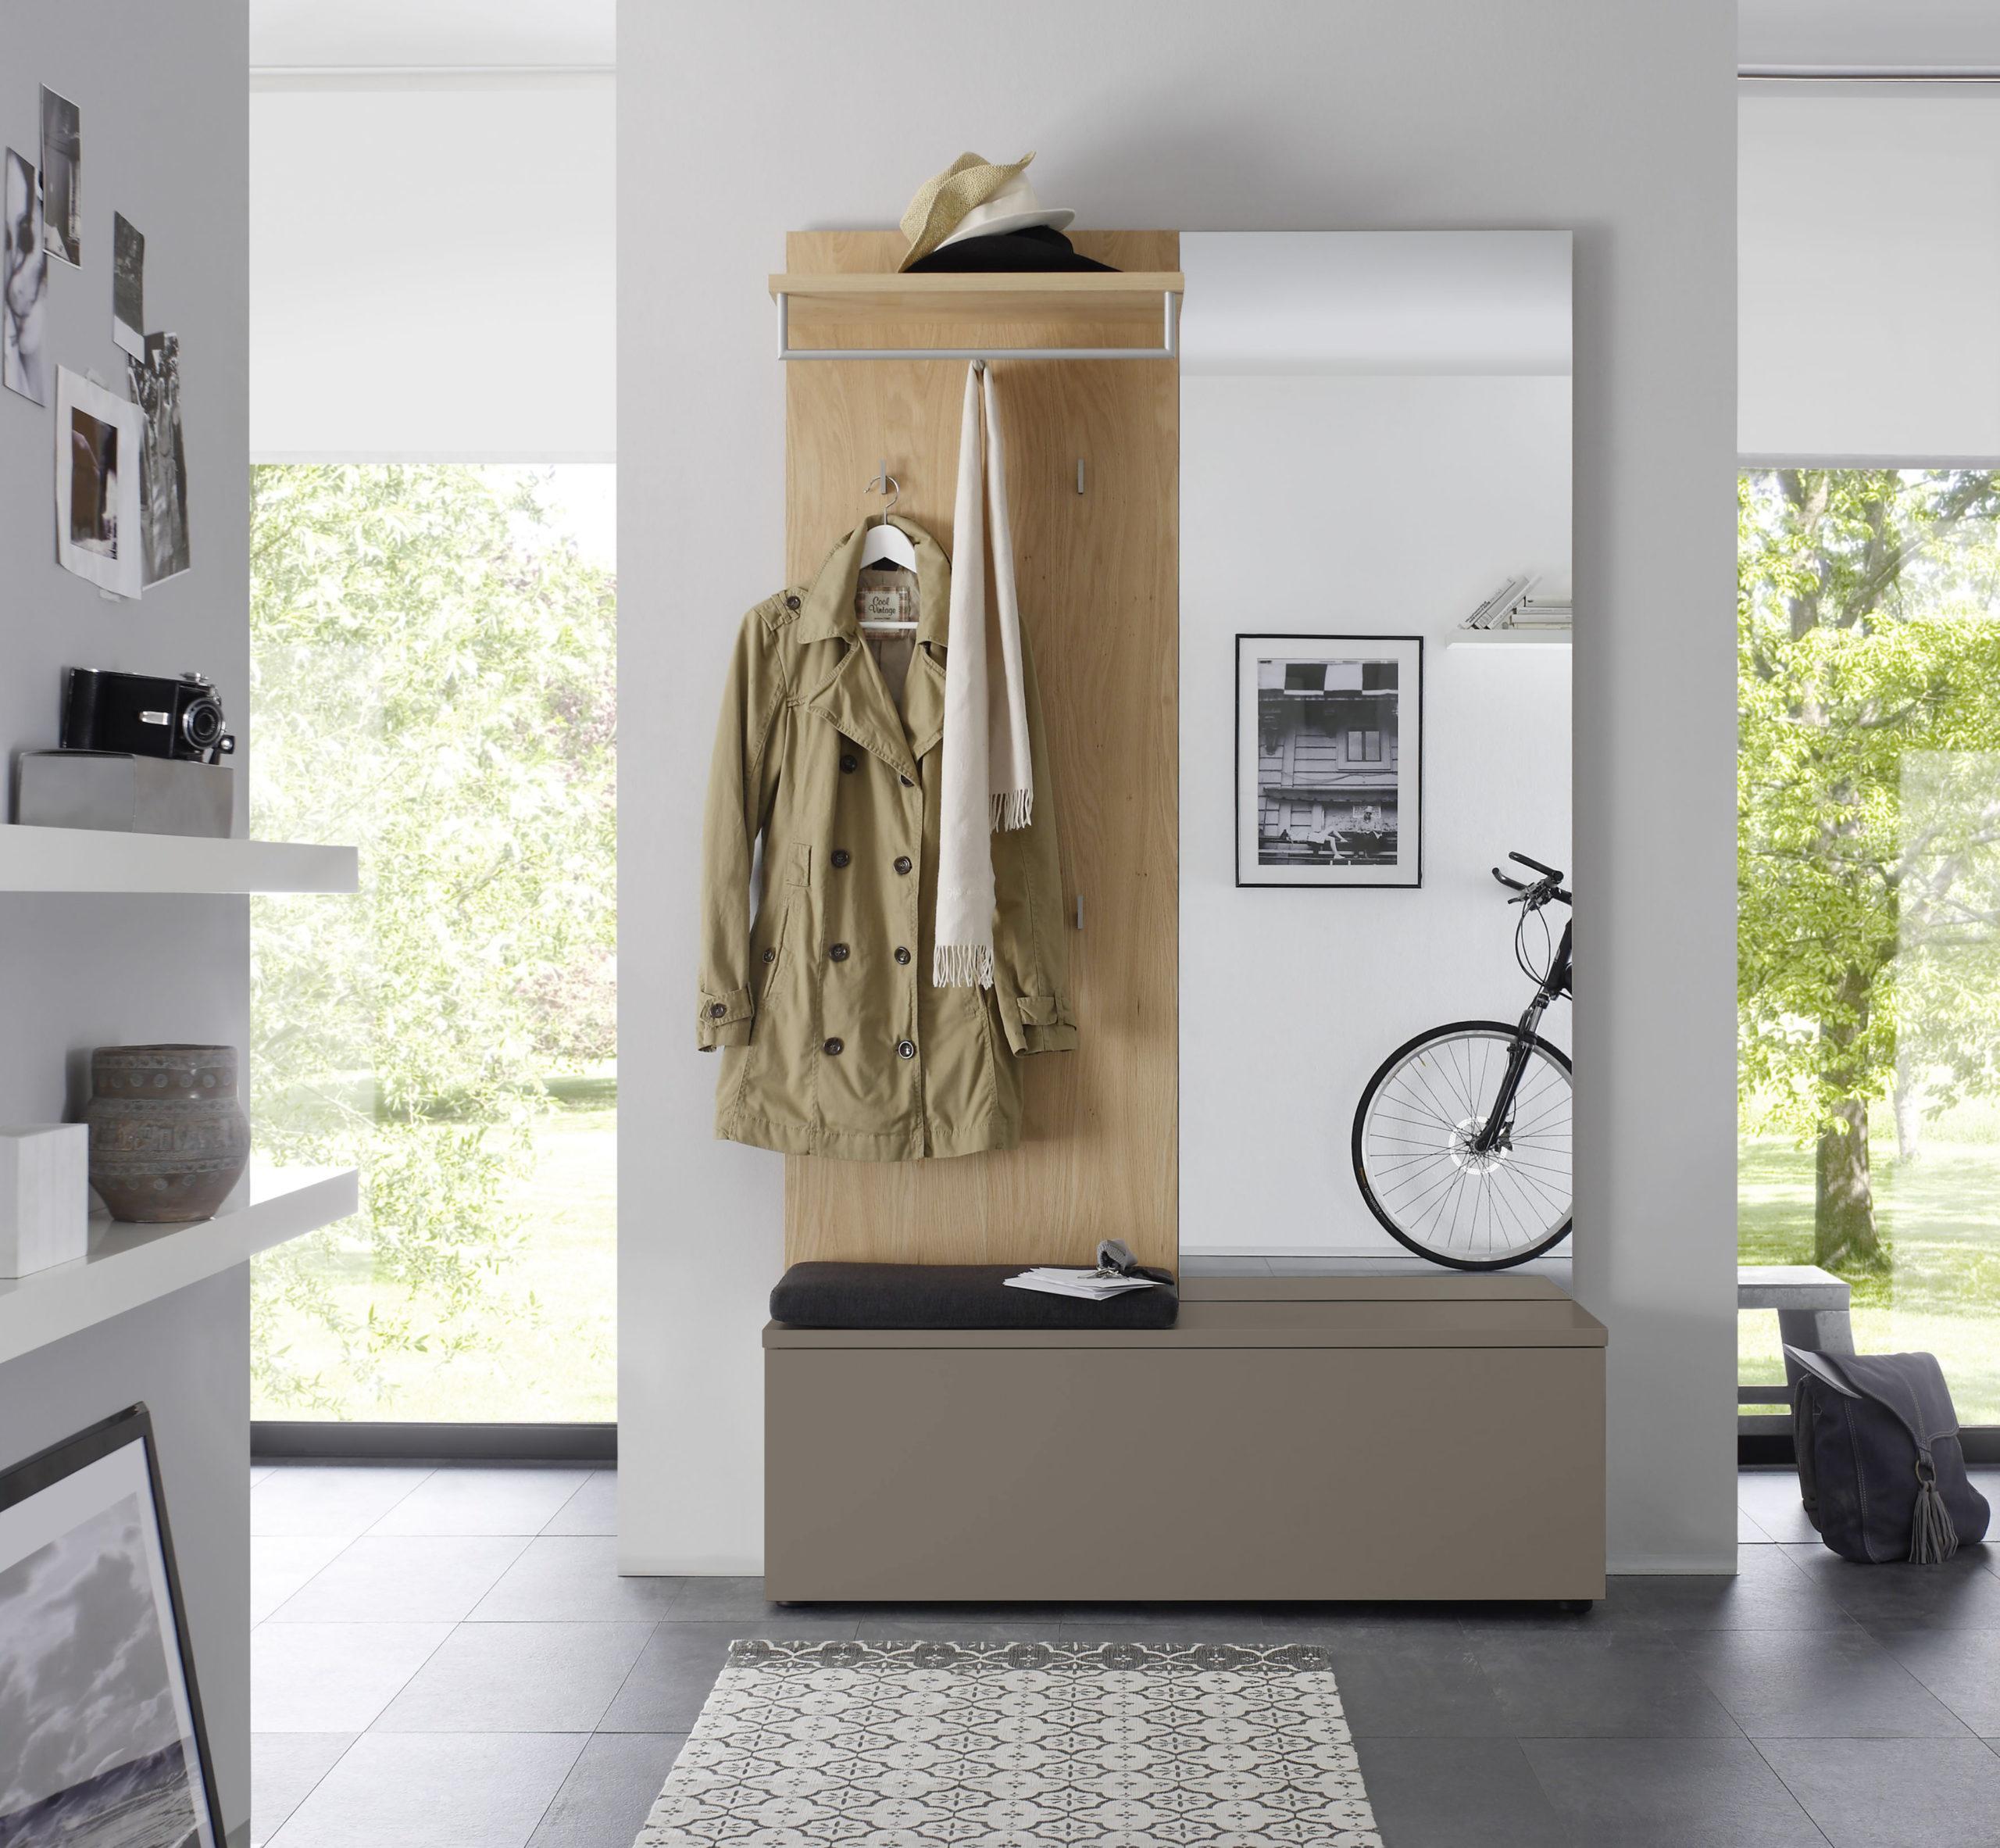 Sudbrock TANDO Garderobe in der Ausführung Ethno Eiche, Lack sienna #465